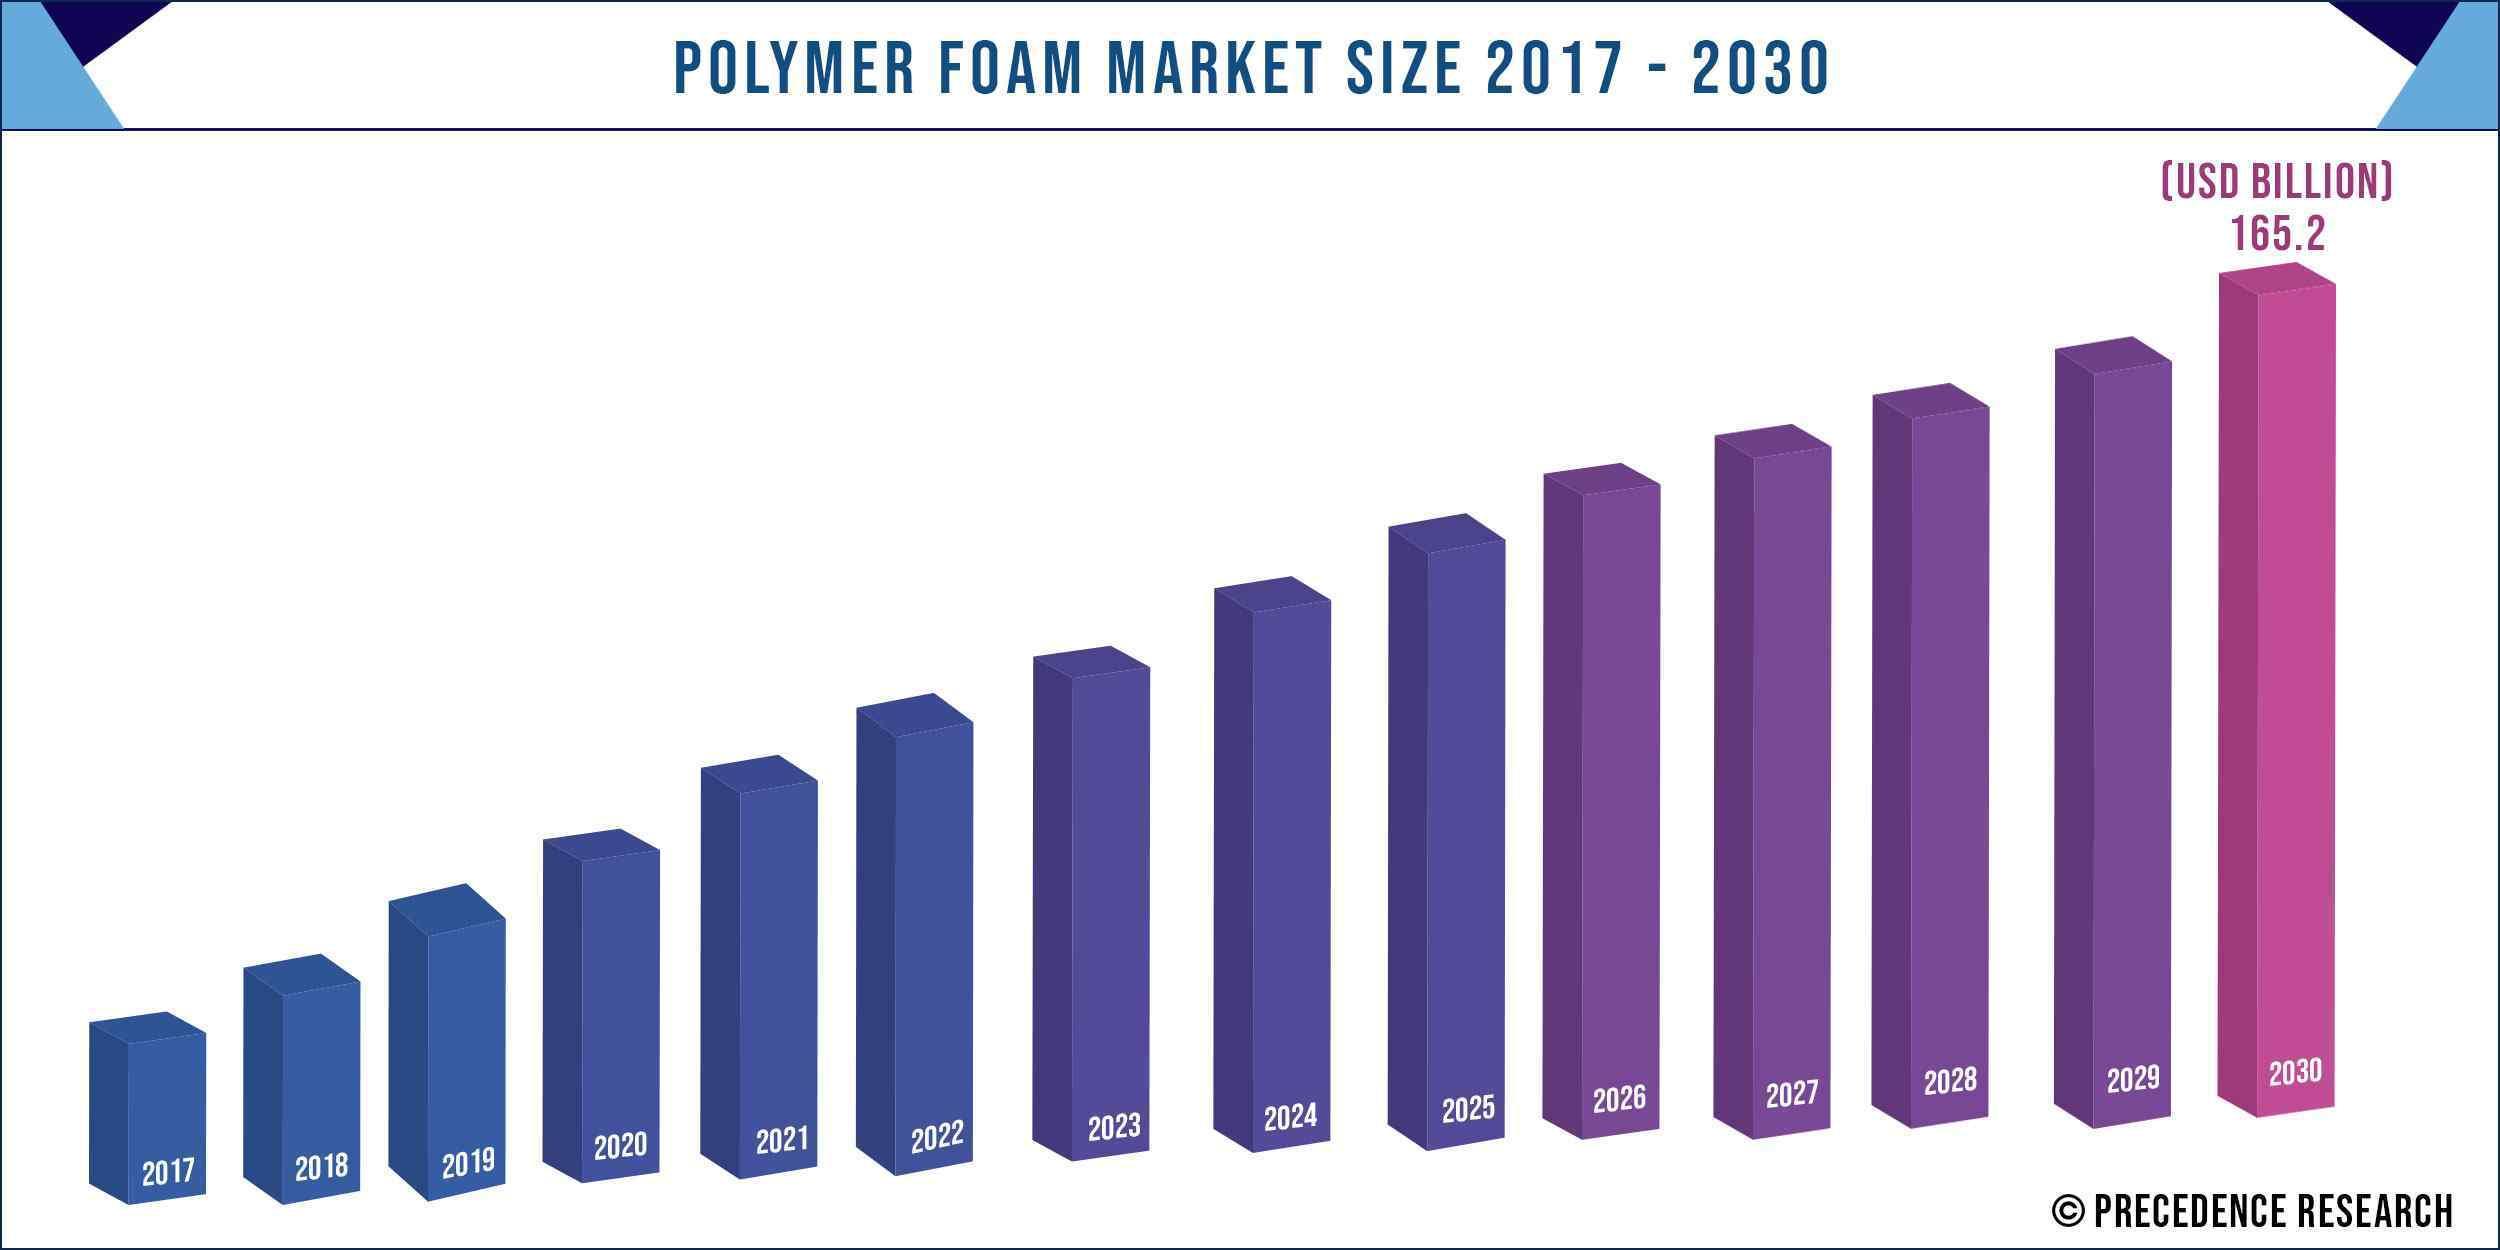 Polymer Foam Market Size 2017-2030